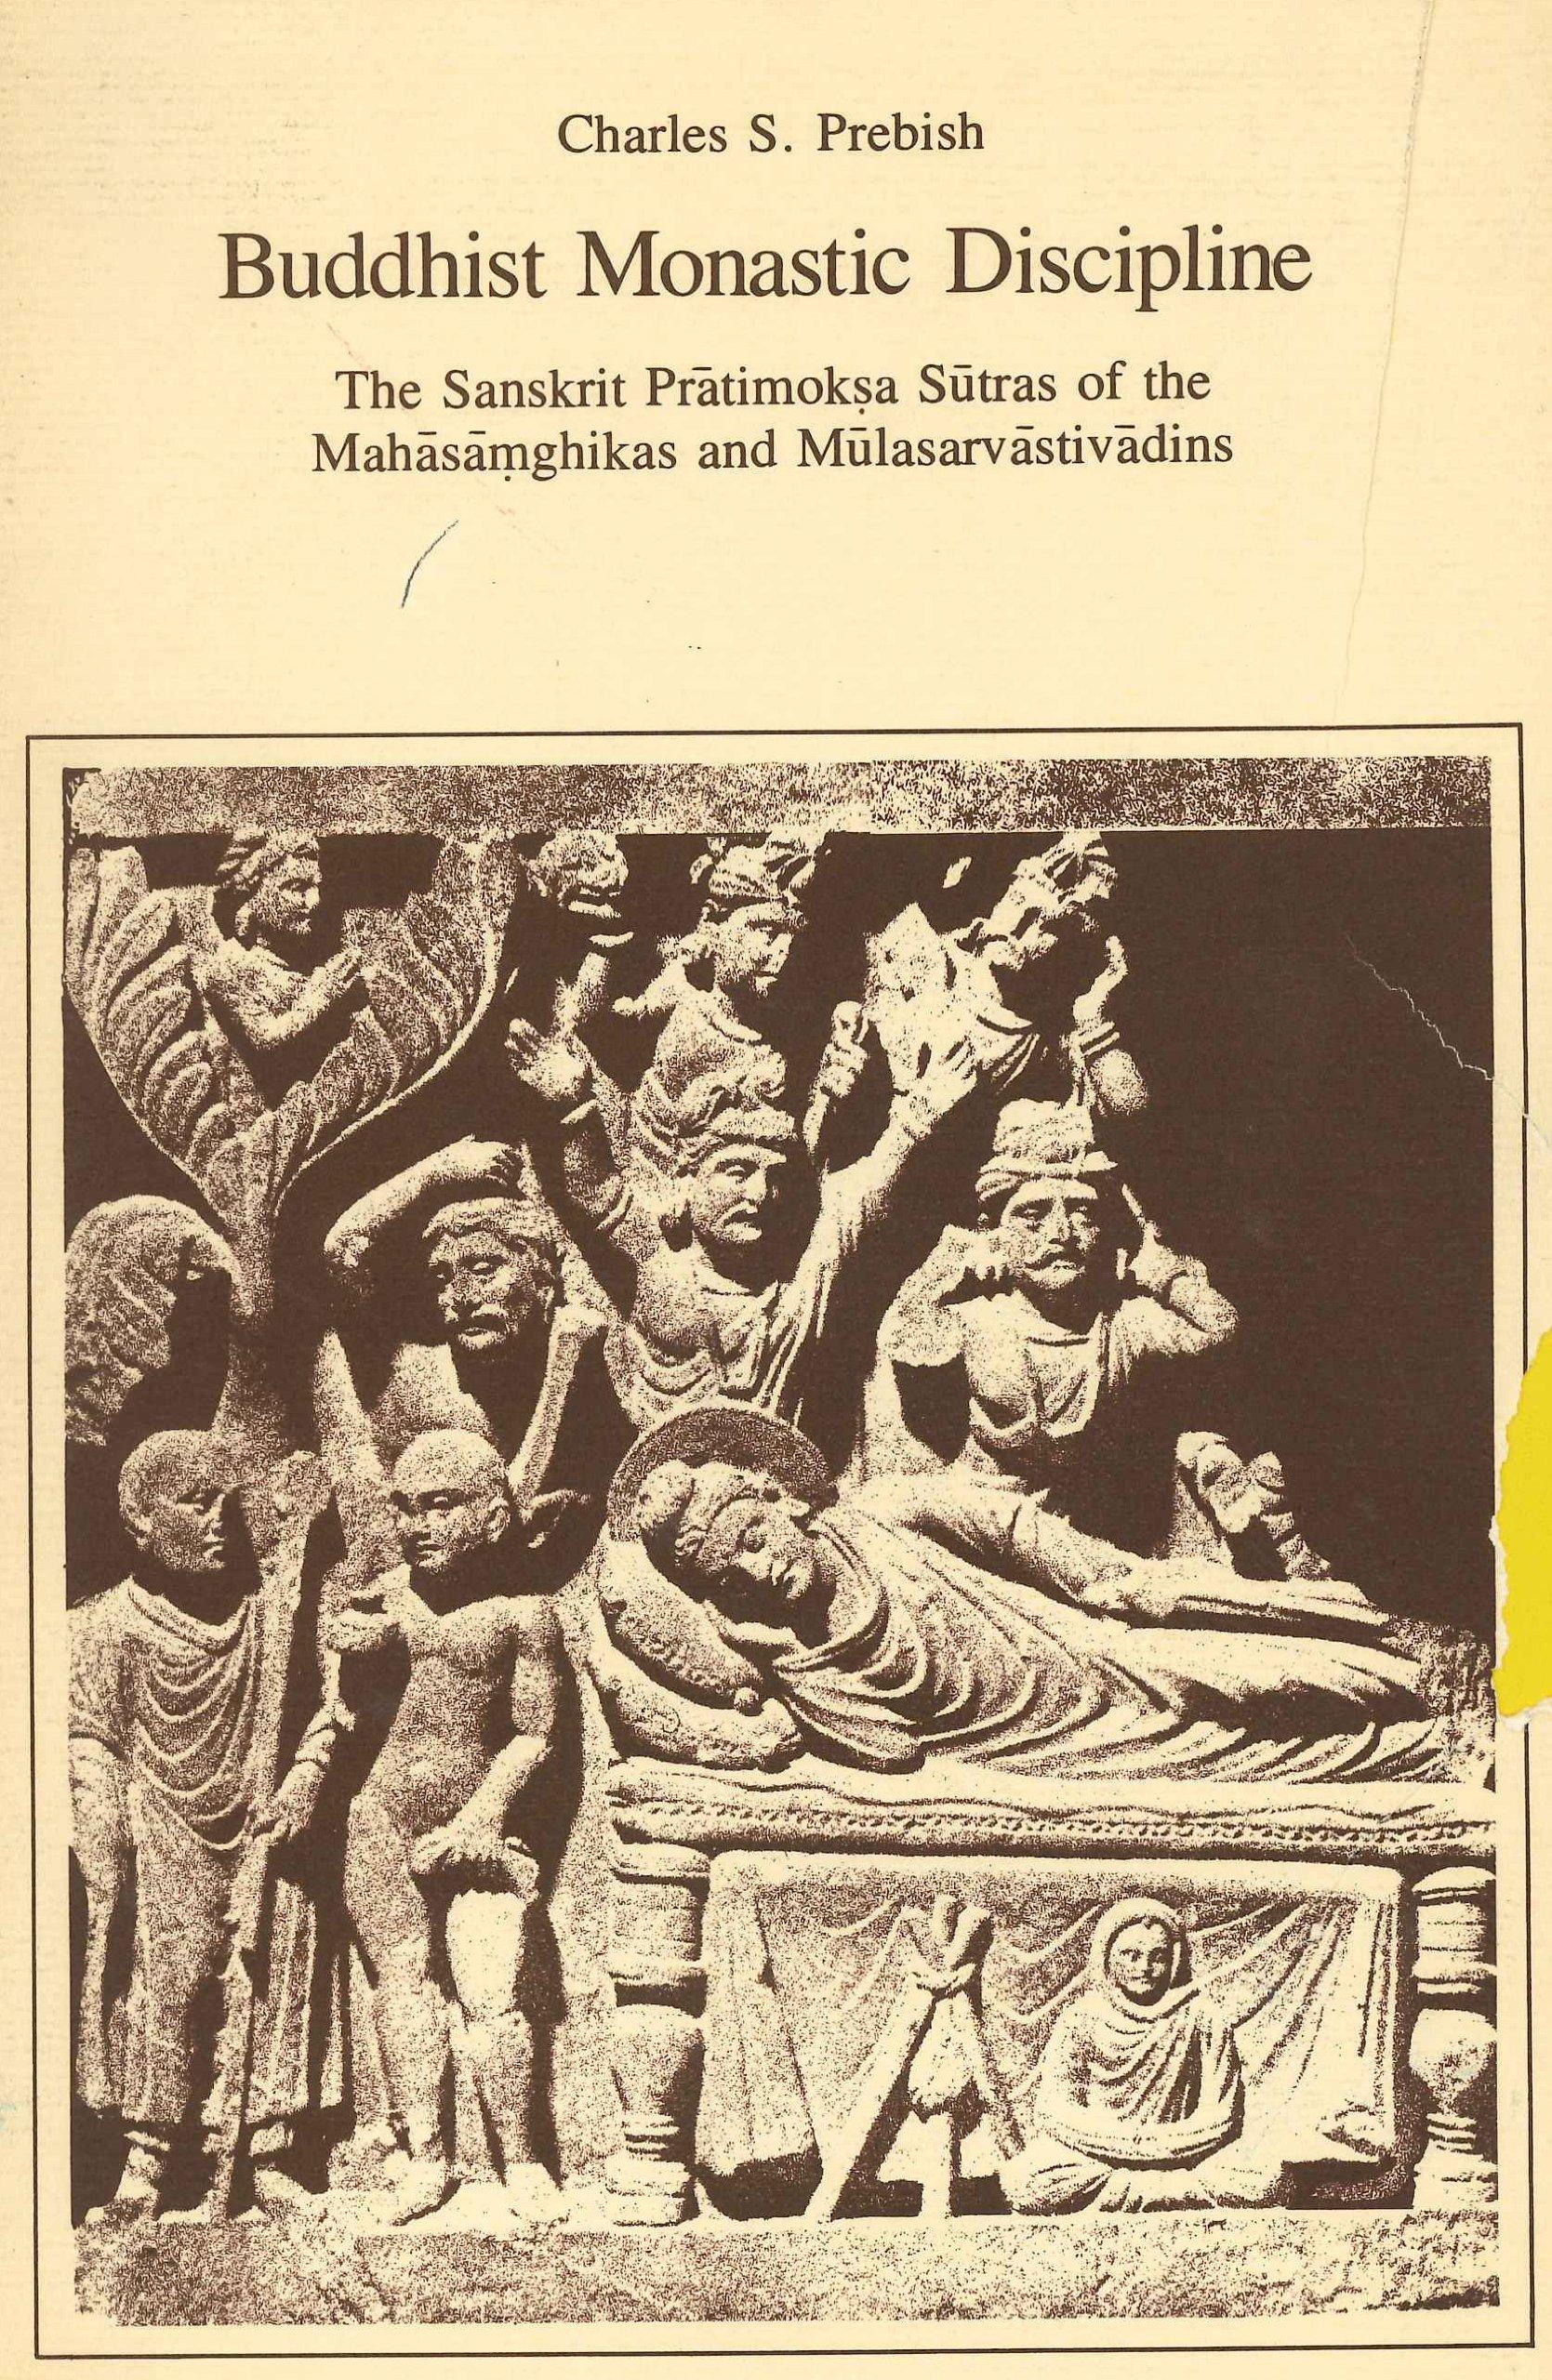 Prebish Buddhist Monastic Discipline cover art